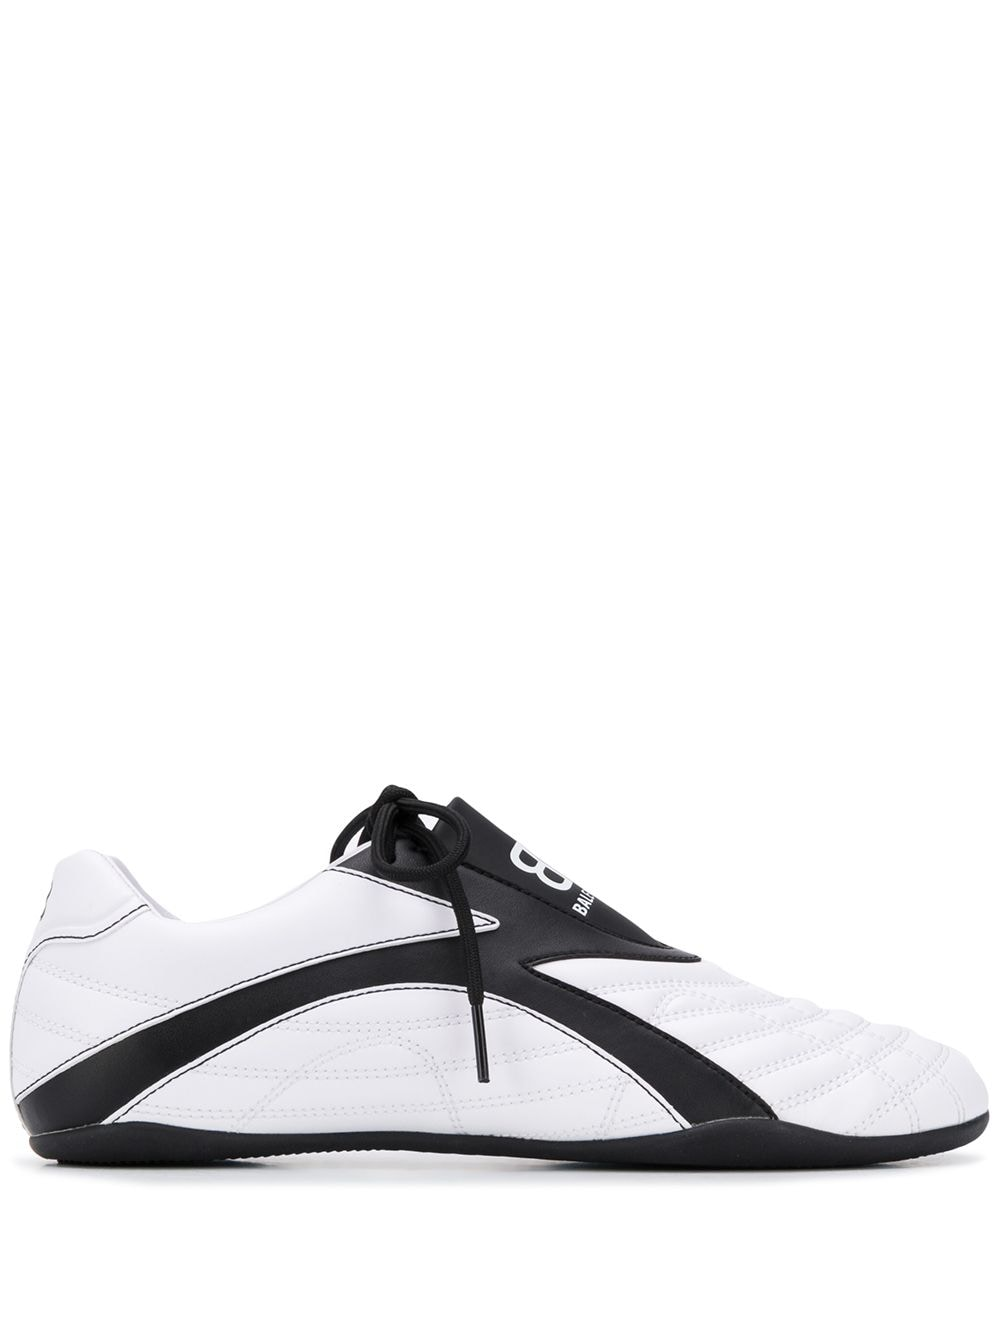 Zen Sneakers